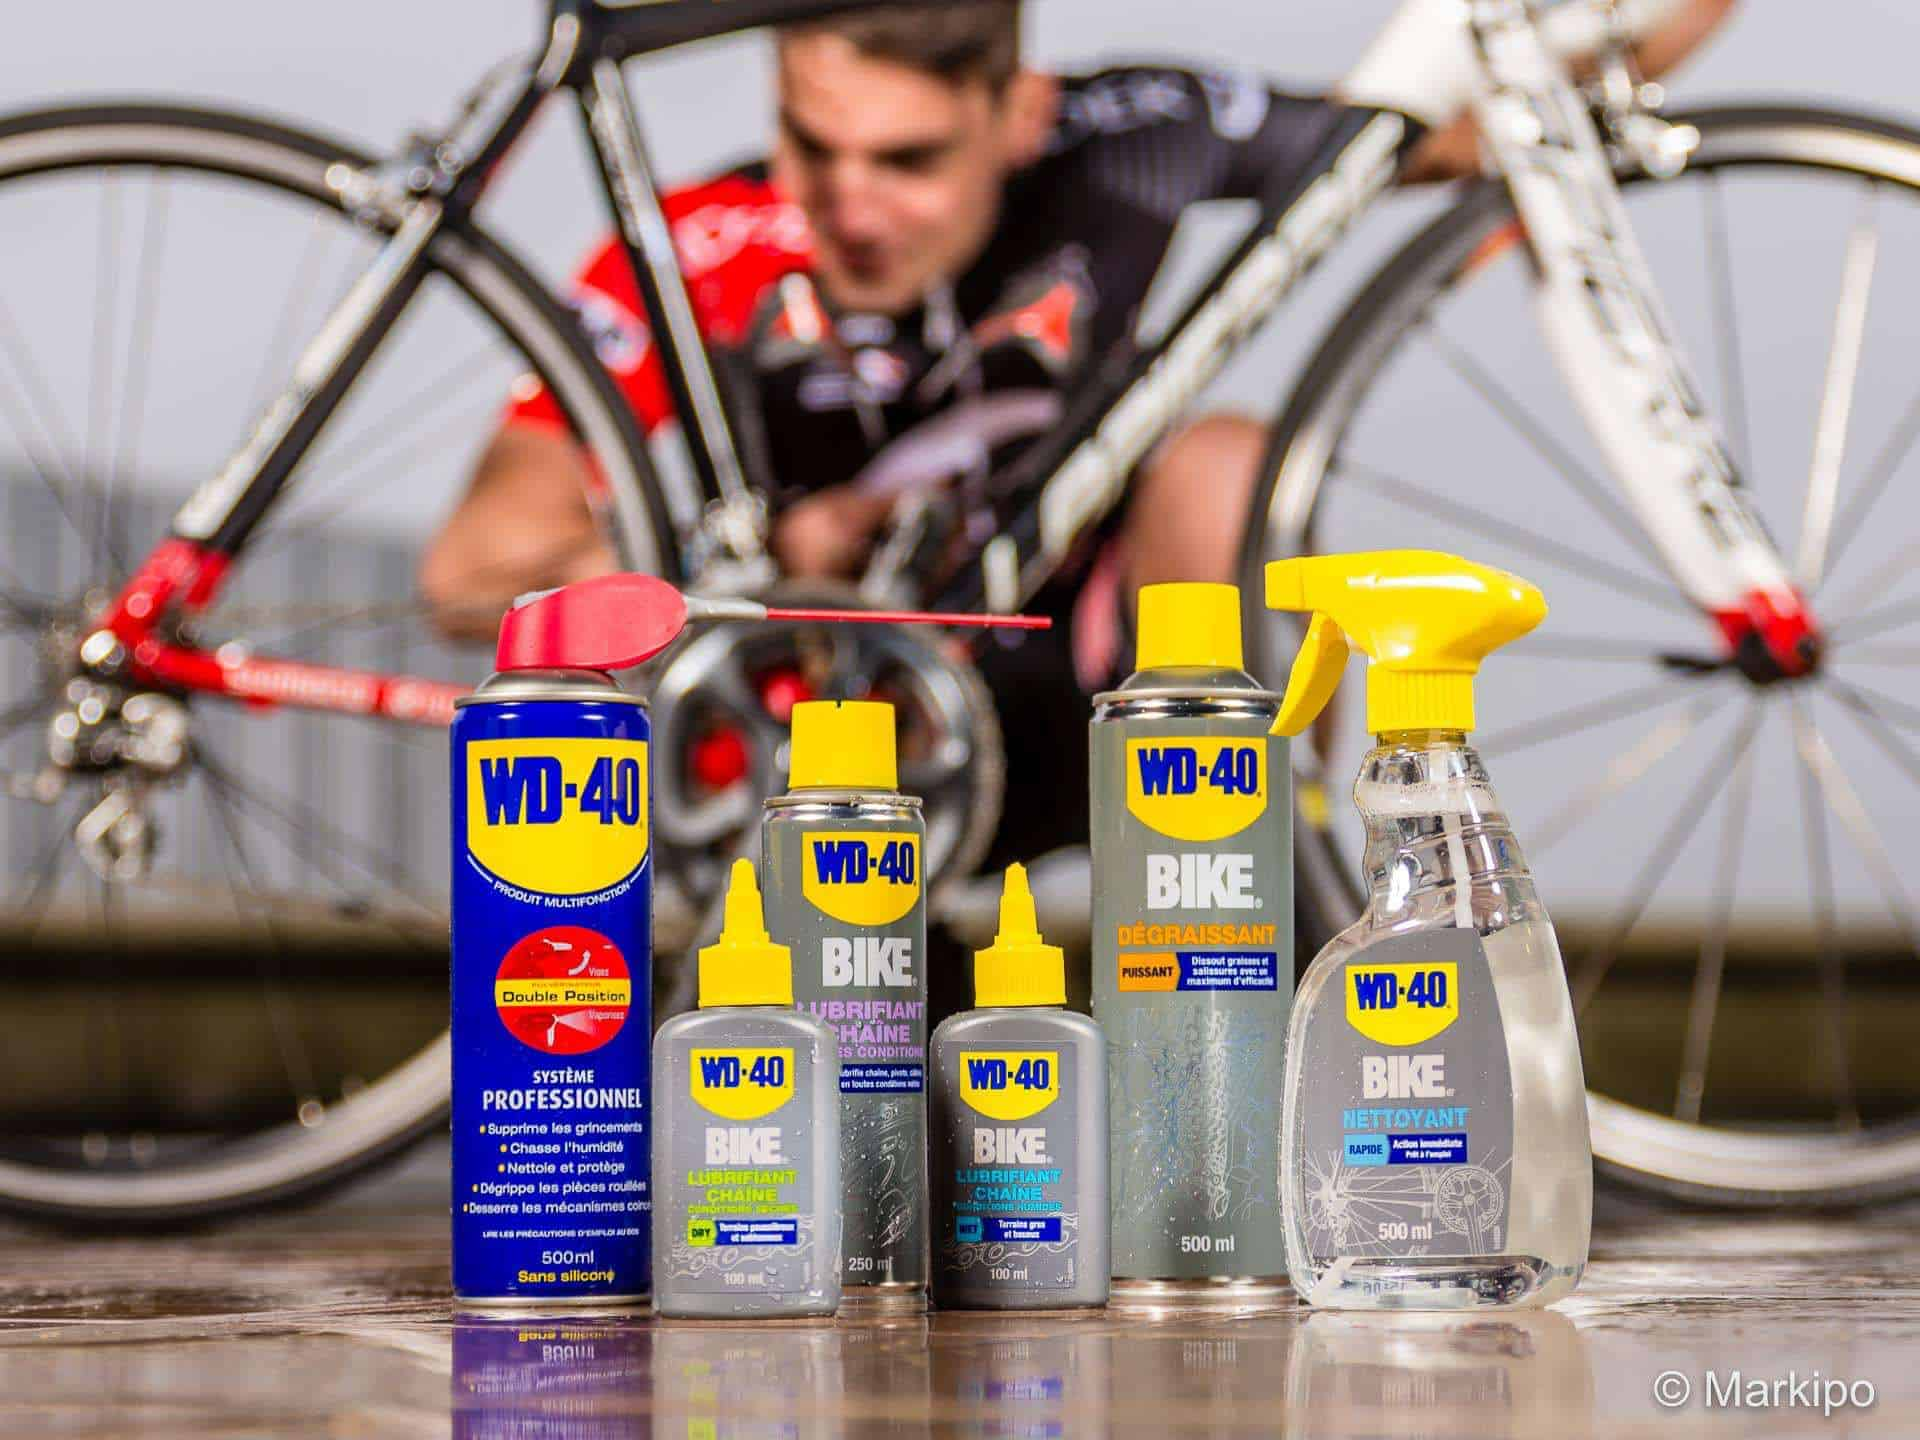 Cyclisme : présentation du Team Sider - Cam de Bordeaux